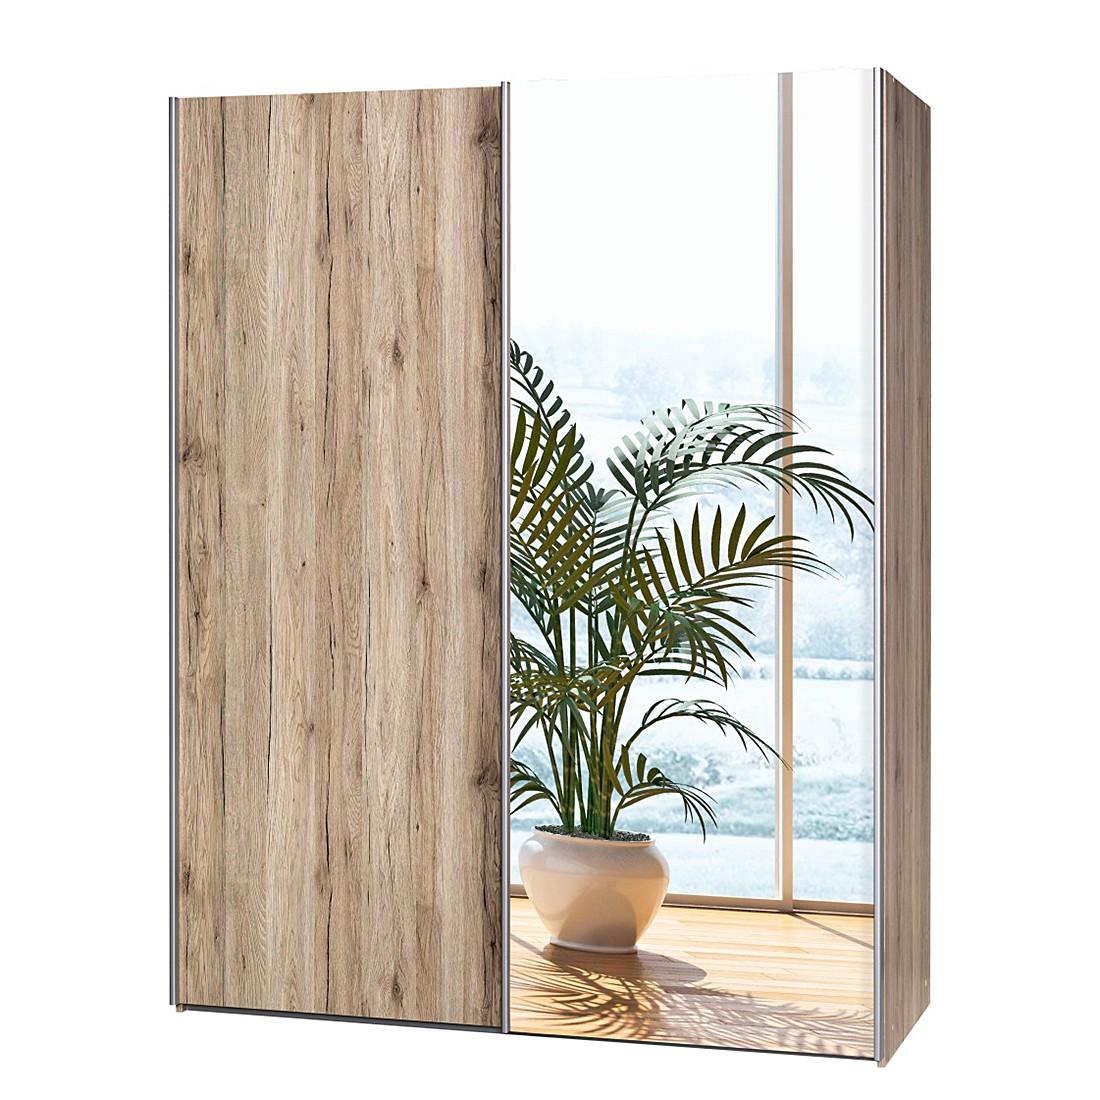 schwebet renschrank soft smart ii eiche sanremo dekor spiegel breite 150 cm tiefe 61 cm. Black Bedroom Furniture Sets. Home Design Ideas